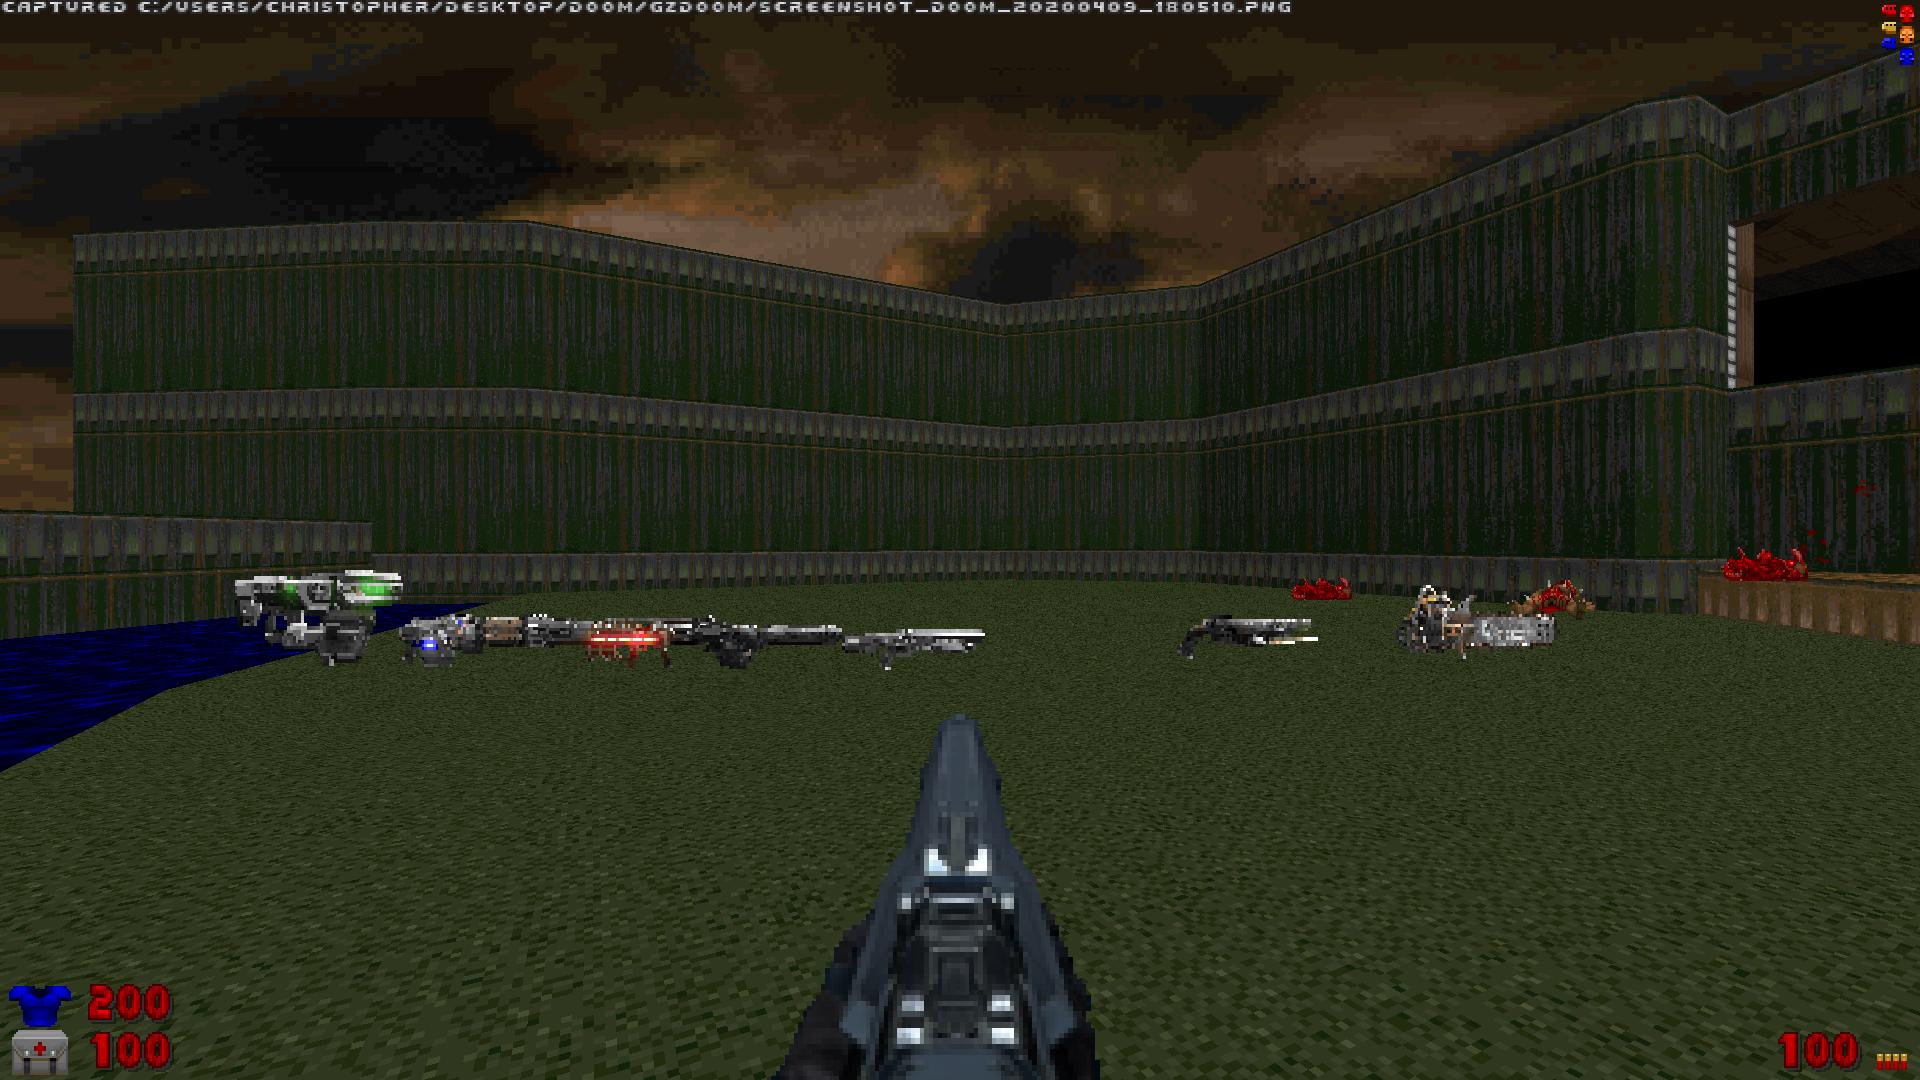 Screenshot_Doom_20200409_180511.png.eccbf342cfd1e8cb0427096c1cc4e2e3.png